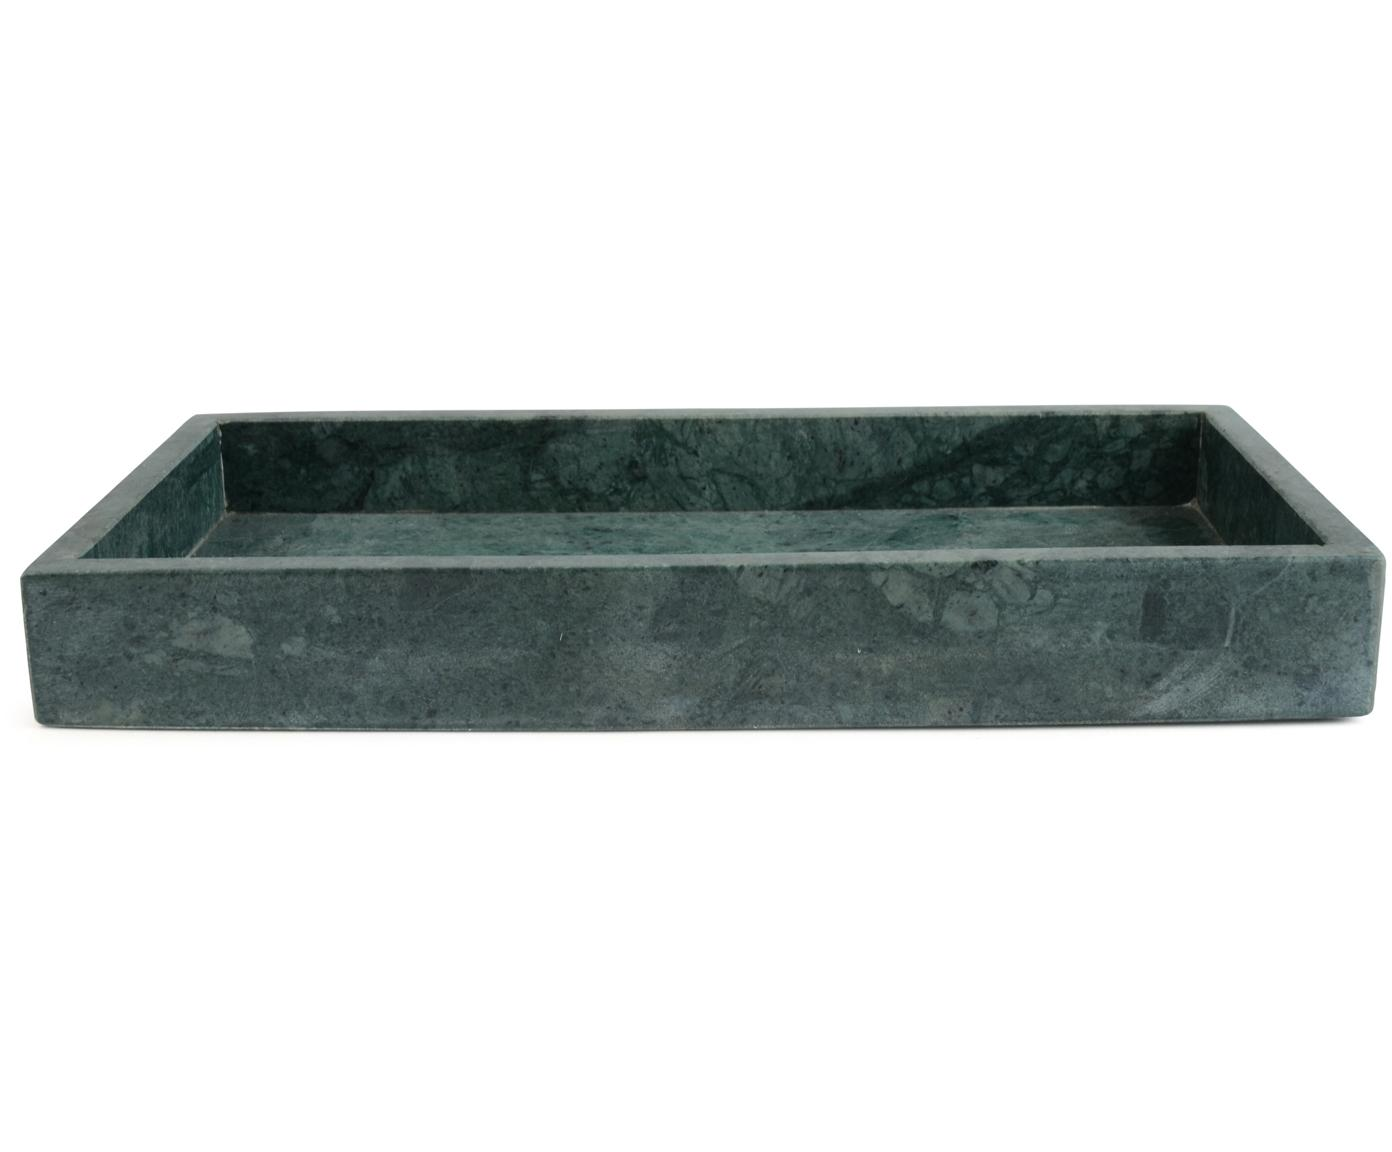 Vassoio decorativo in marmo Mera, Marmo, Verde marmorizzato, Larg. 30 x Prof. 15 cm